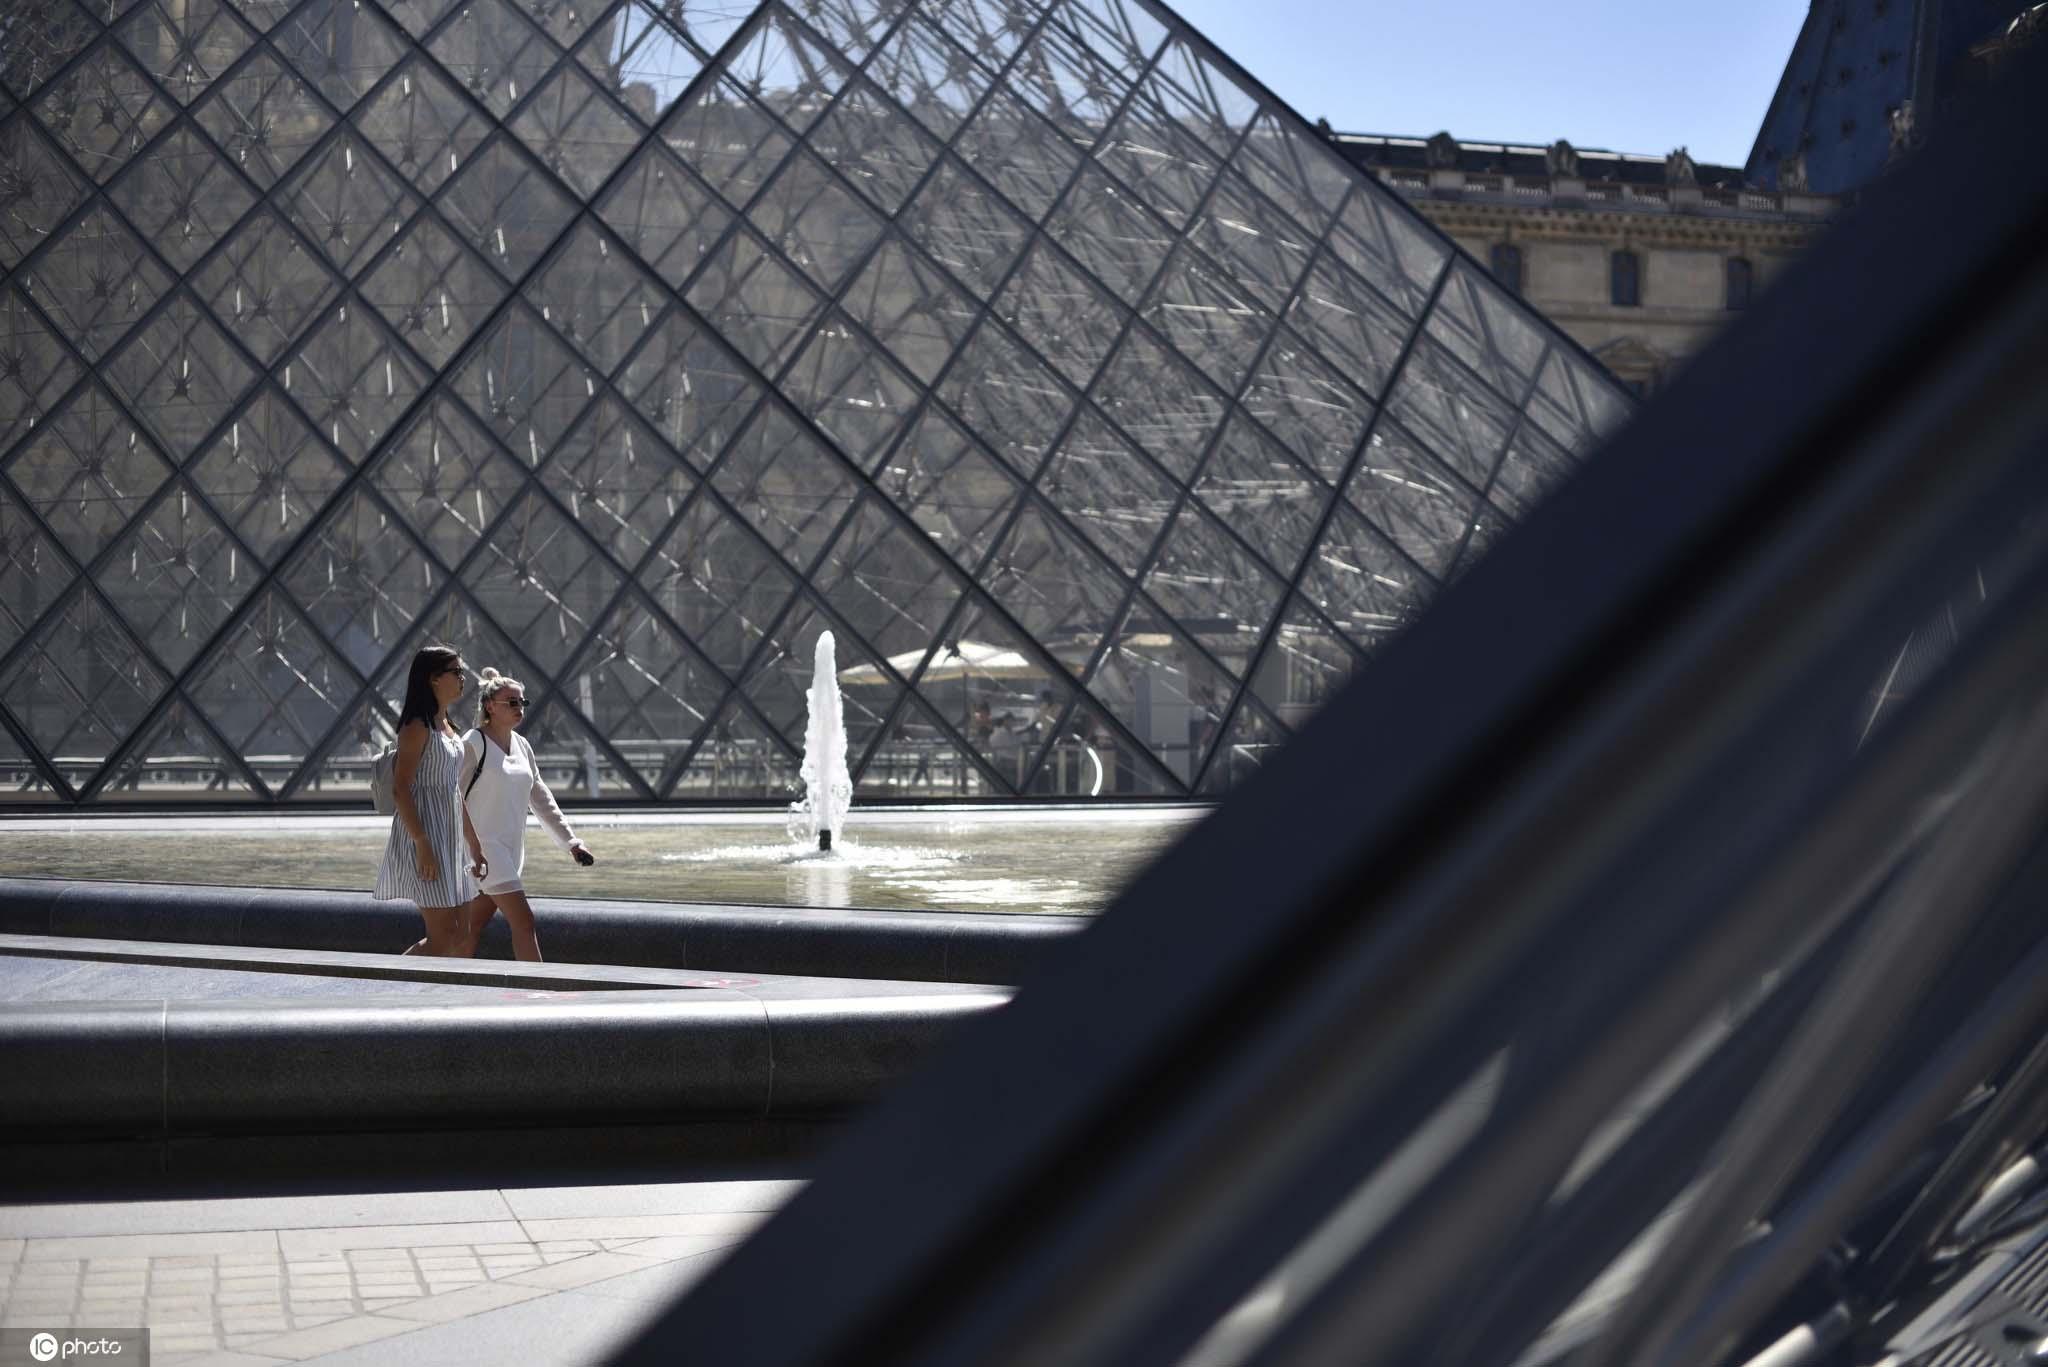 法国巴黎气温超36度女子塞纳河畔冲水降温